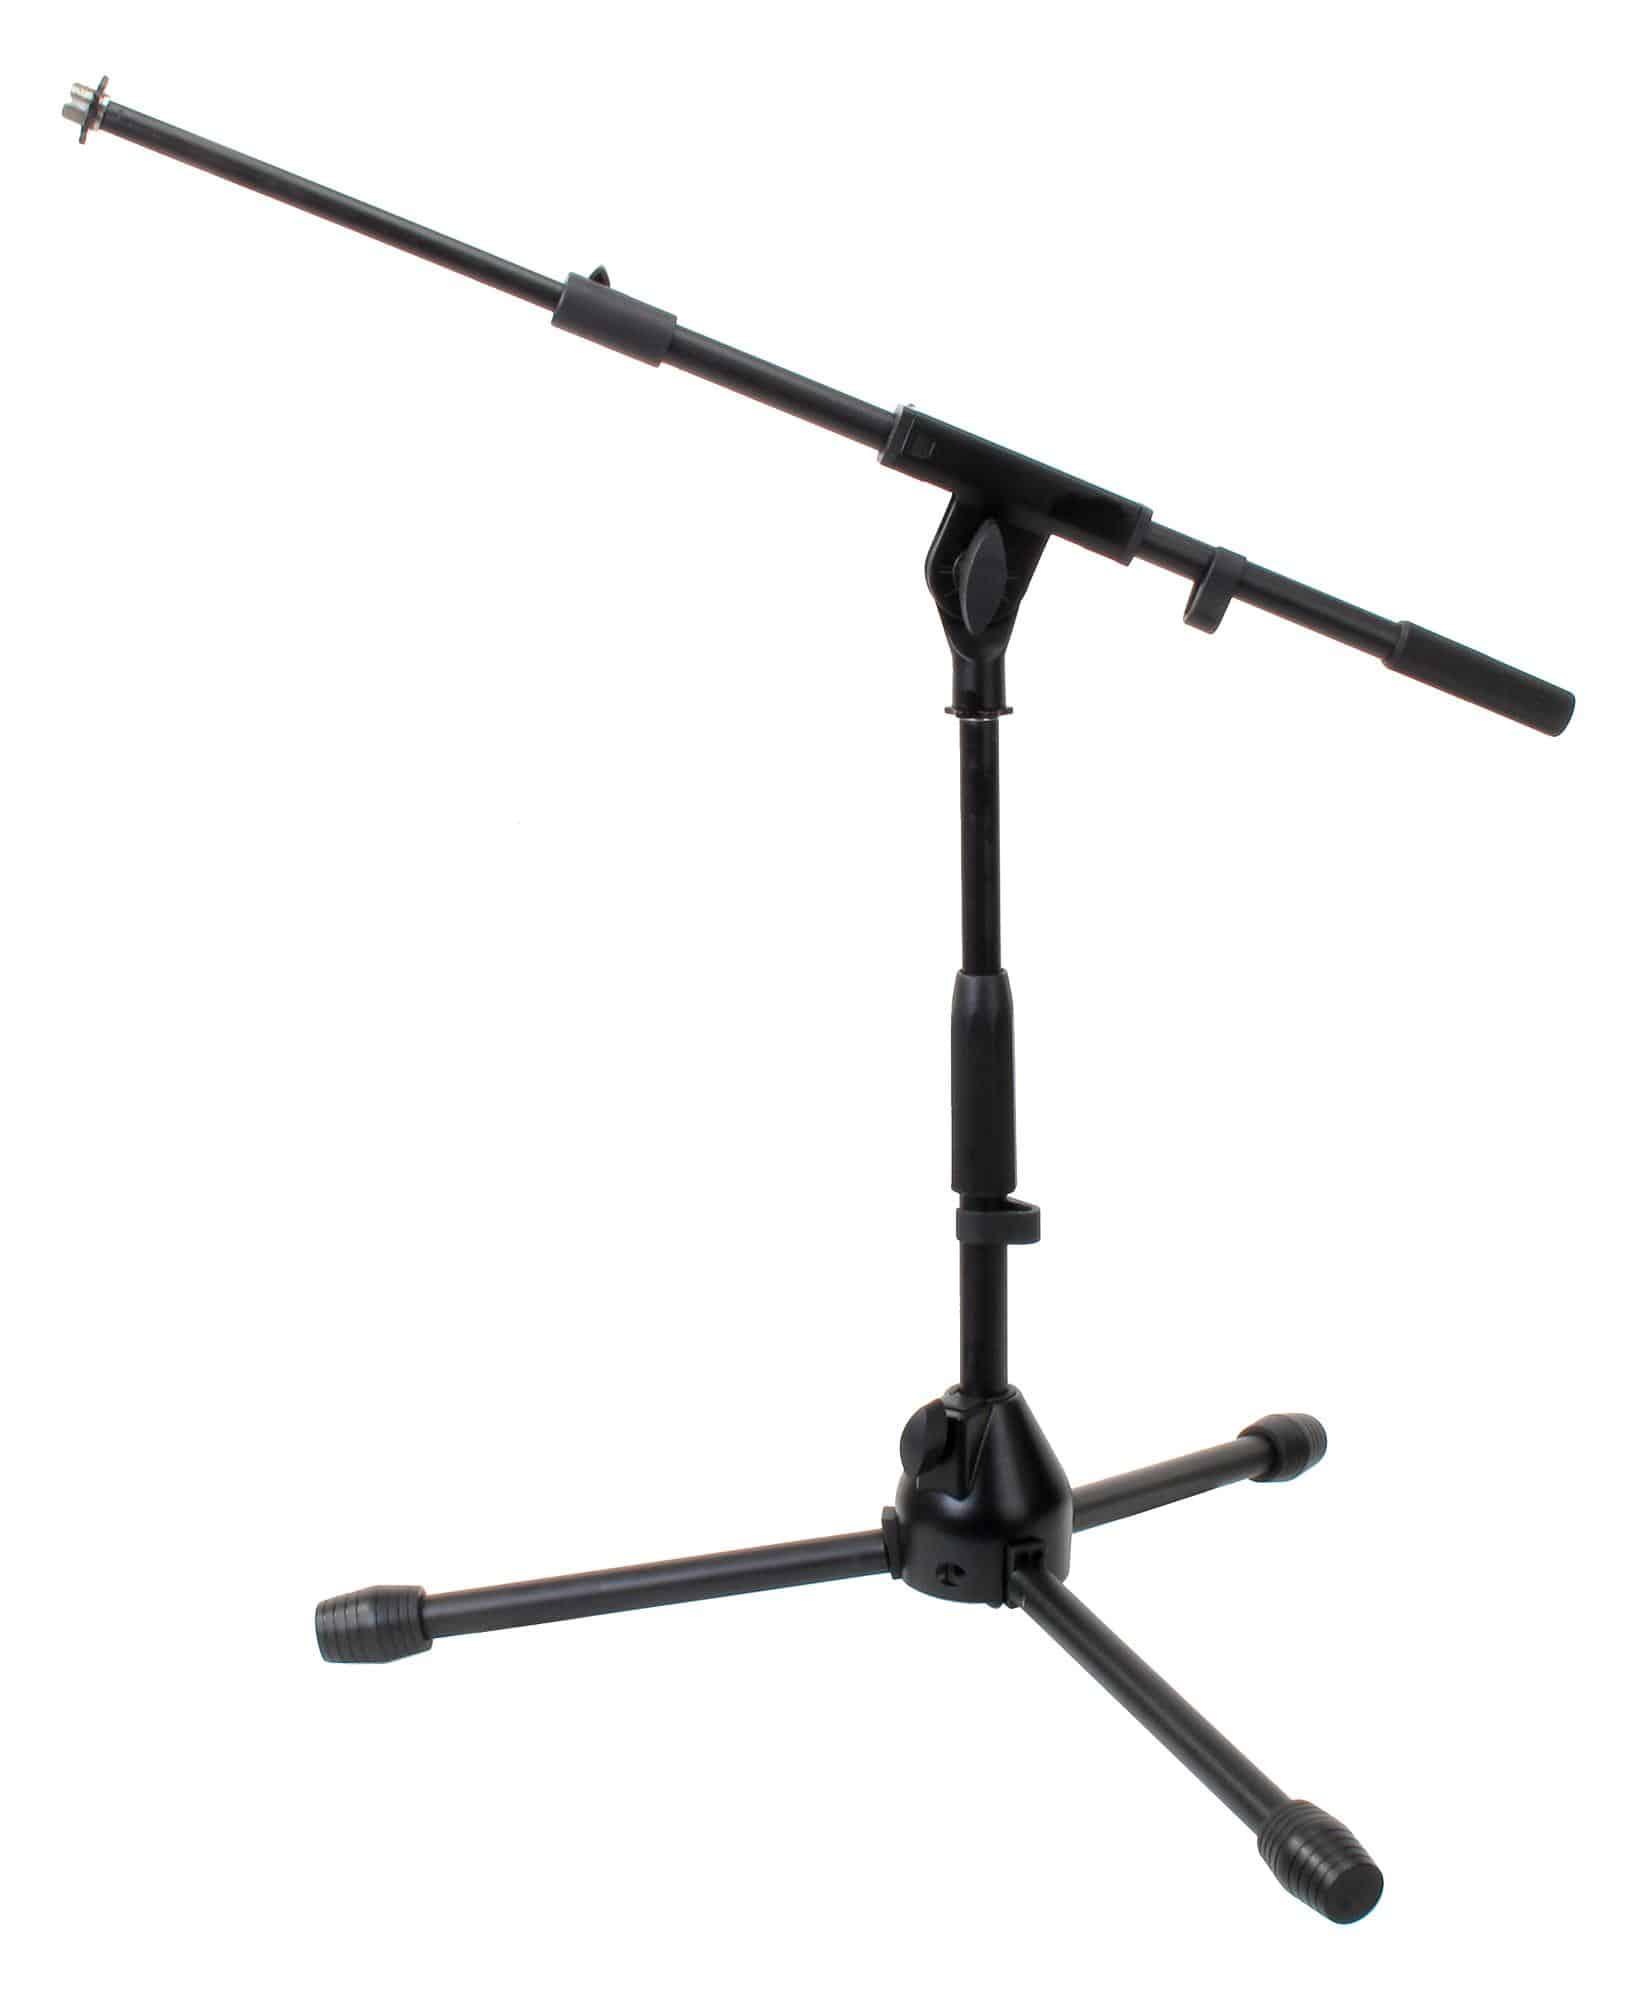 Pronomic MS 420 Mikrofonständer niedrig schwarz Retoure (Zustand sehr gut)